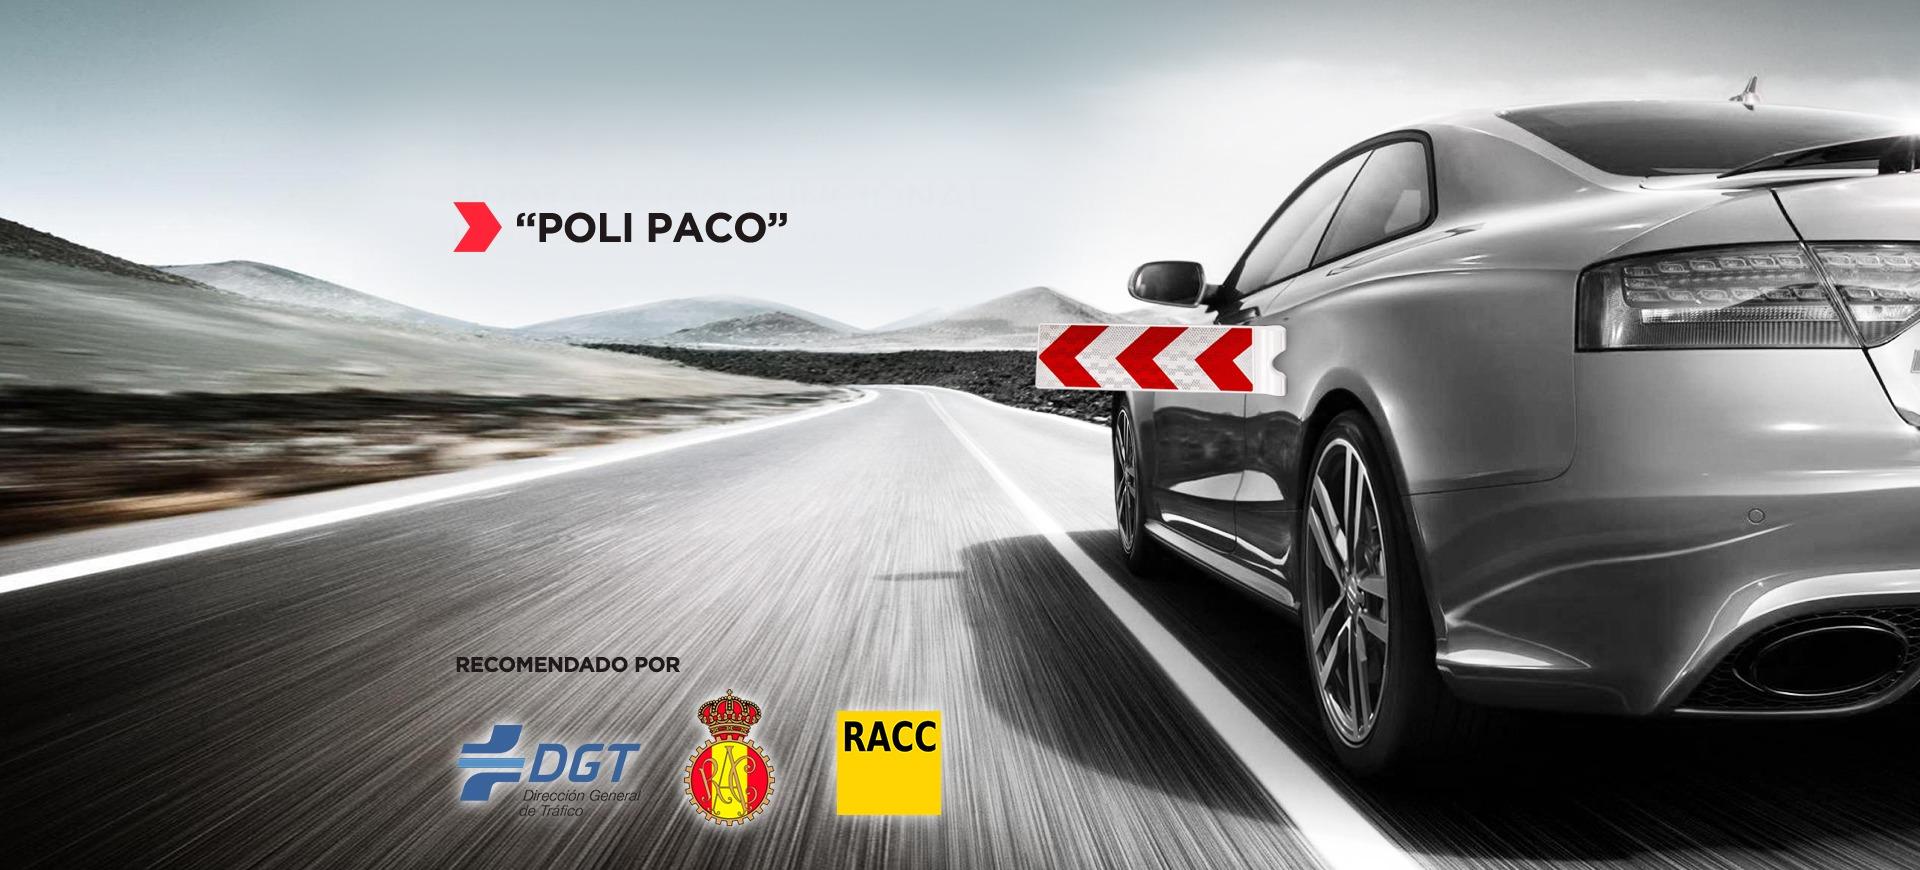 cab-poli-paco